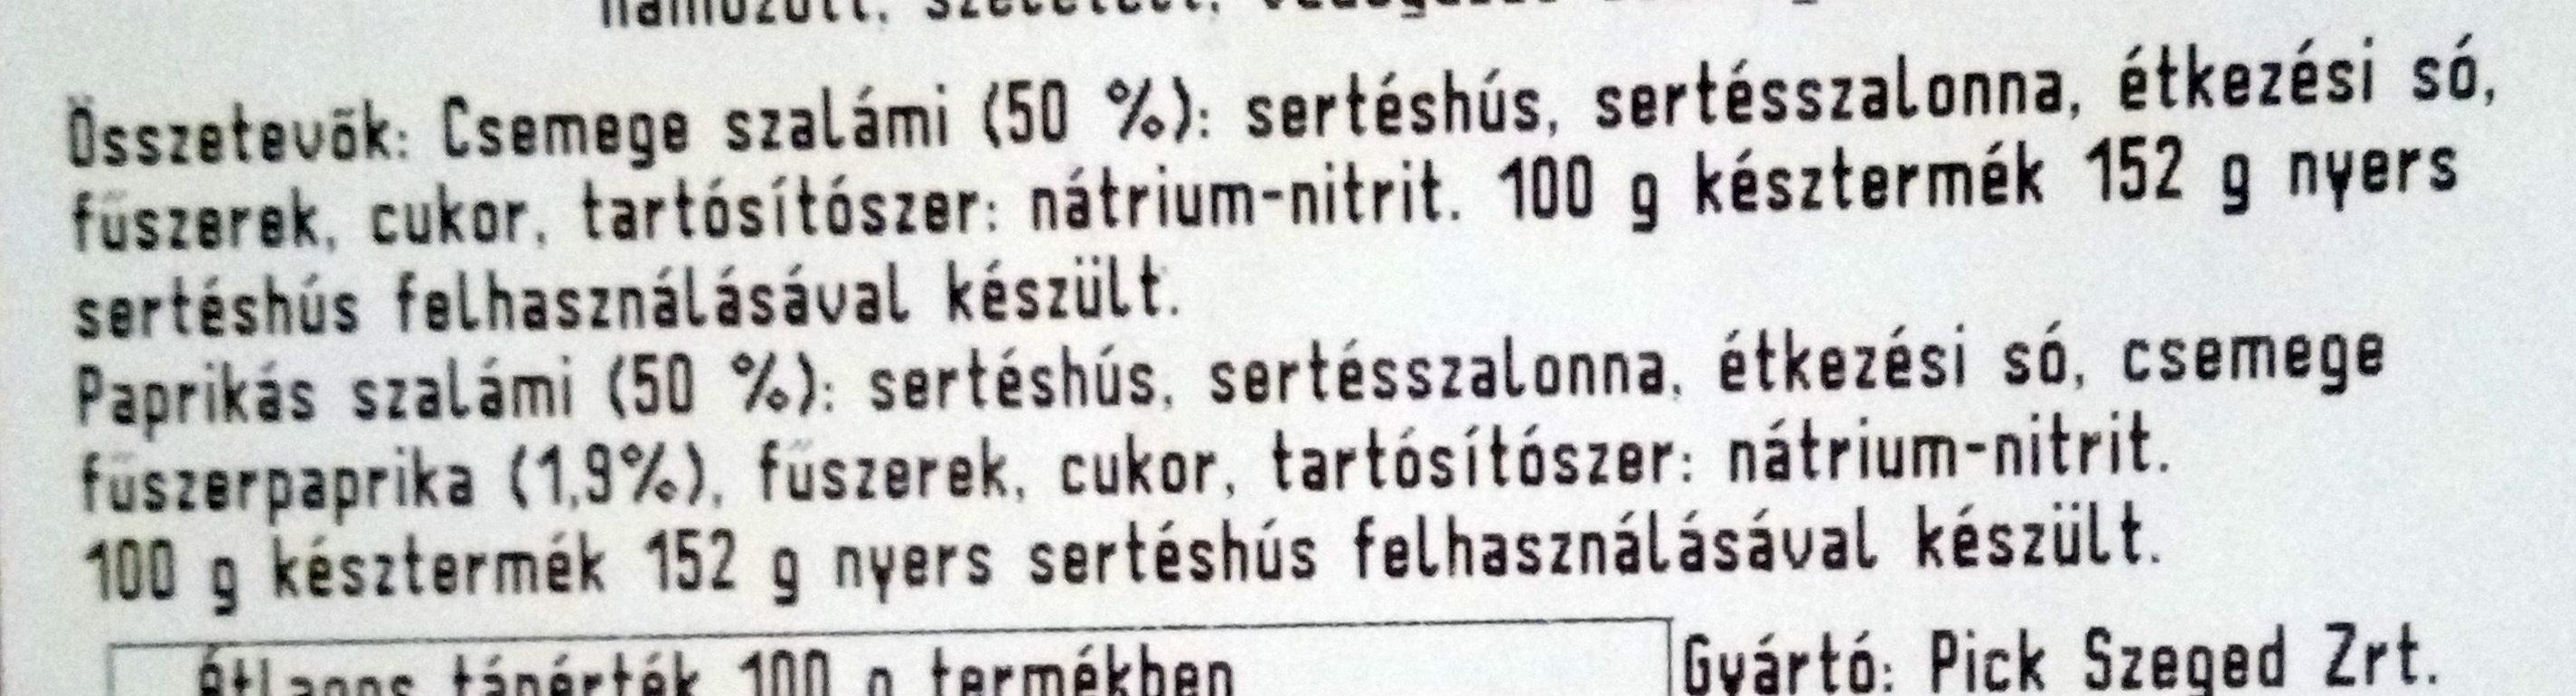 Csemege és paprika szalámi mix - Ingrédients - hu